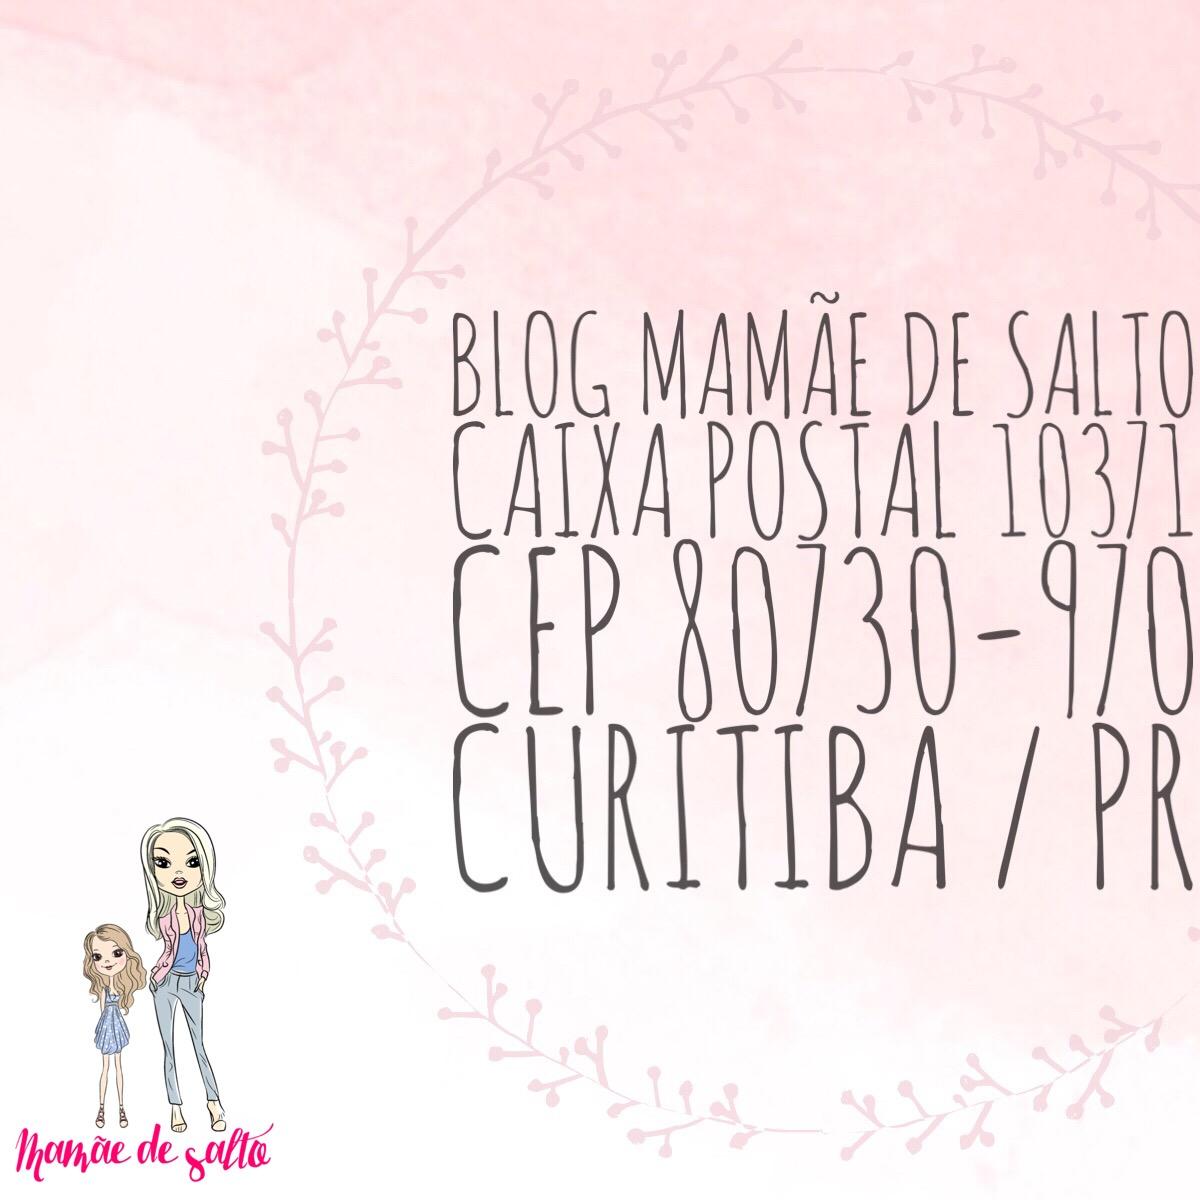 como criar uma caixa postal ... blog Mamãe de Salto